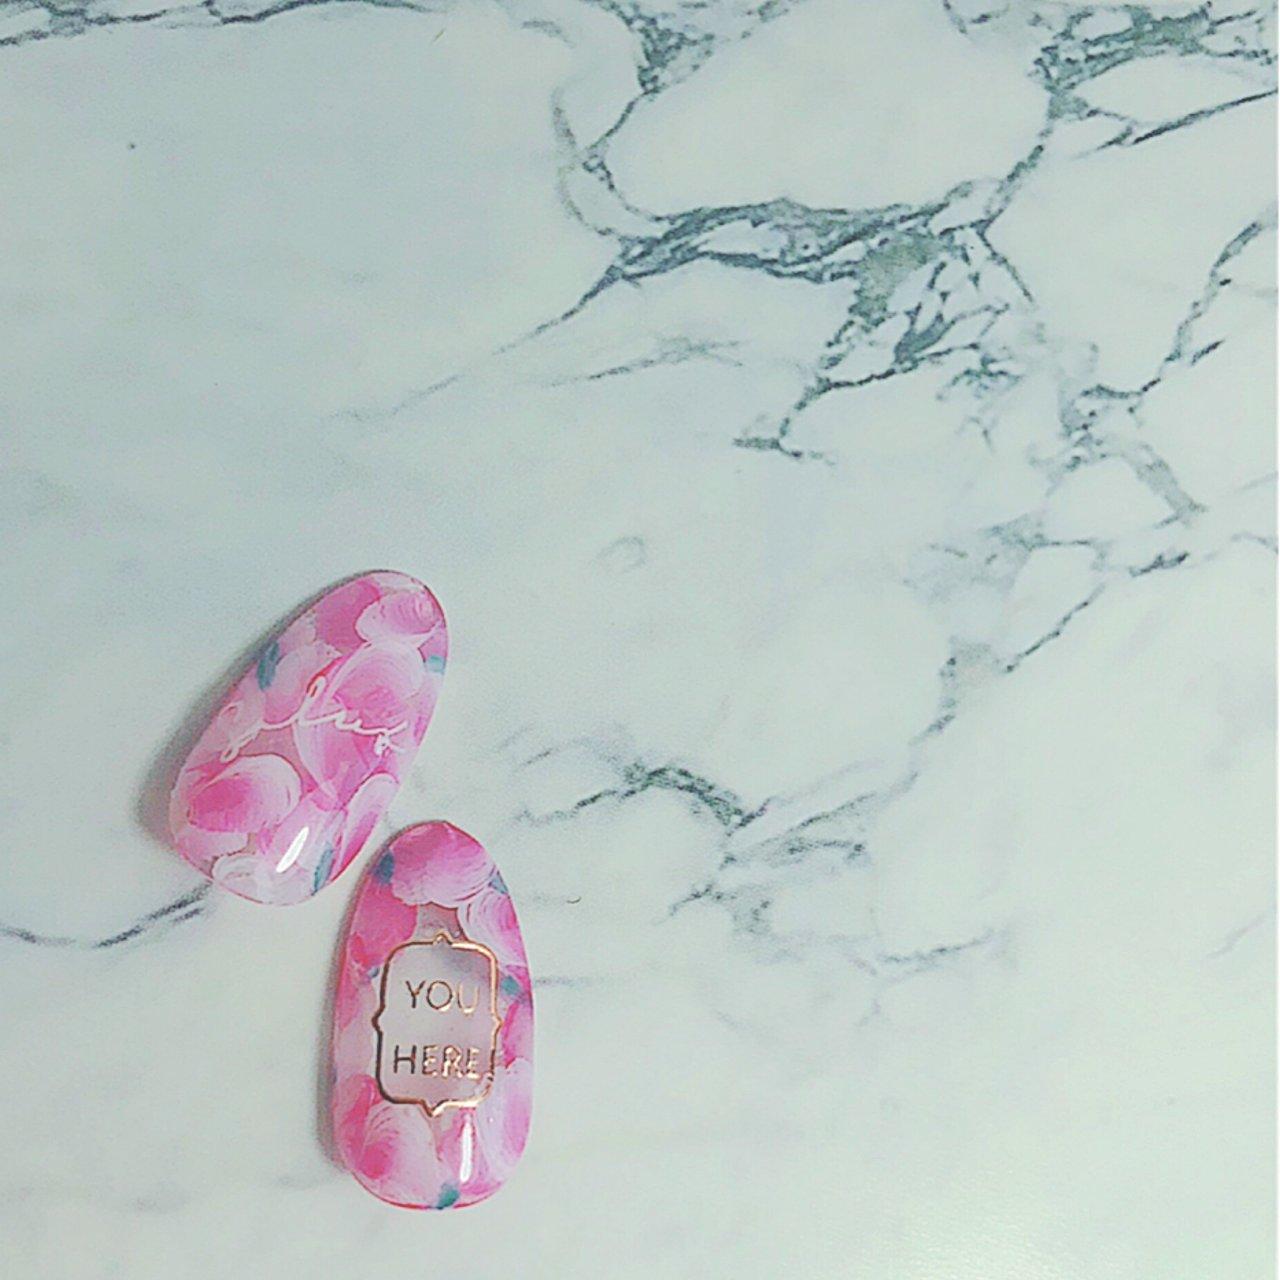 春フラワー♡ 好みのタイプ♡ #フラワー #春 #オフィス #デート #女子会 #フラワー #ホワイト #ピンク #ジェル #爪~SOSHINE~【ツメ ソウシャイン】 #ネイルブック